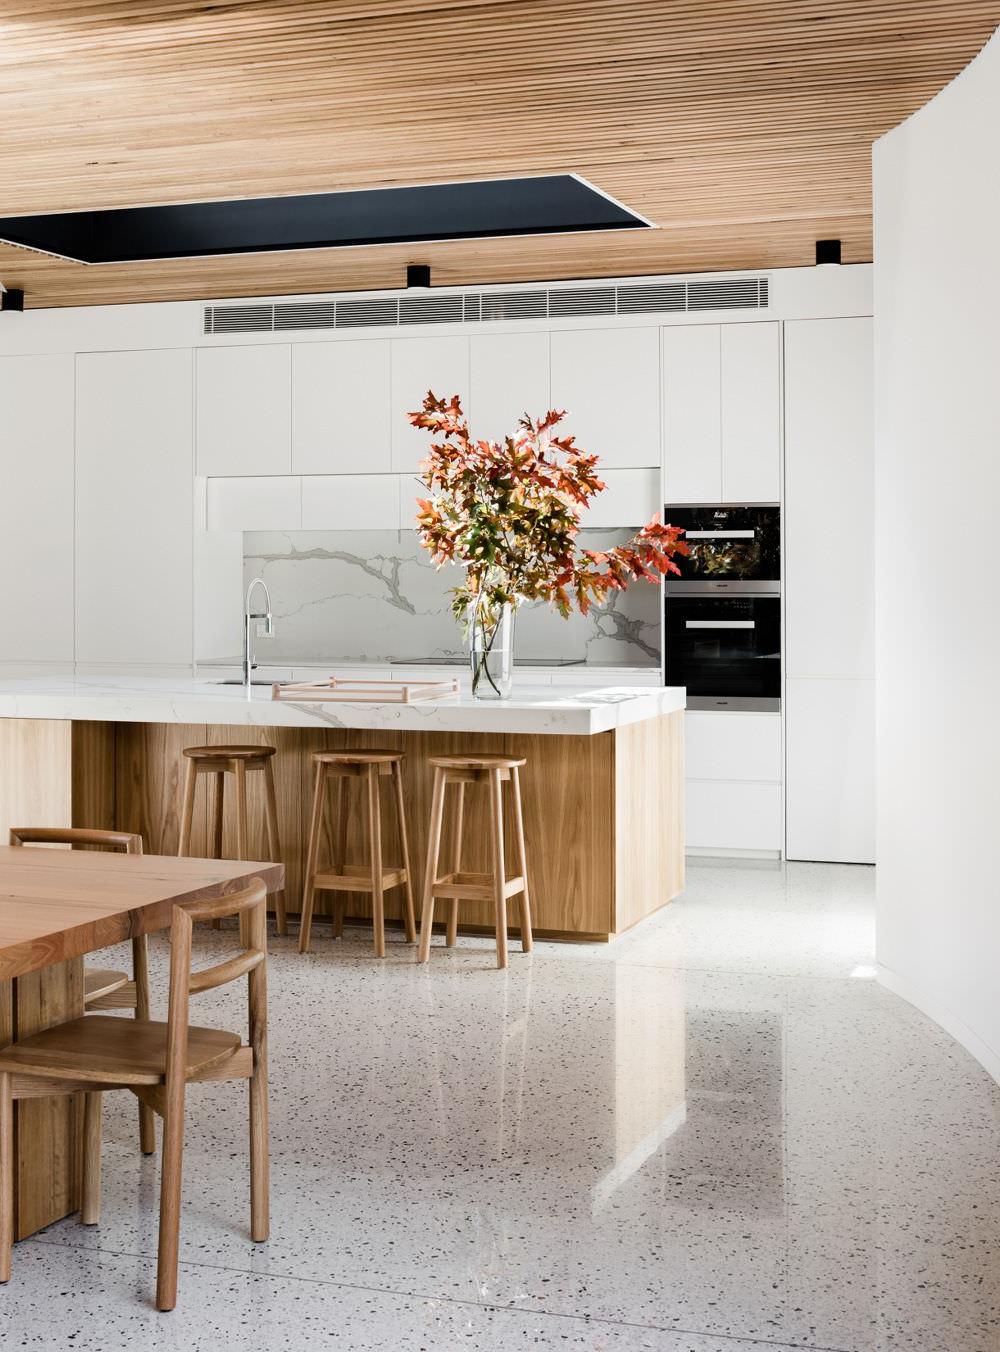 Comment organiser votre petite cuisine - Ikea